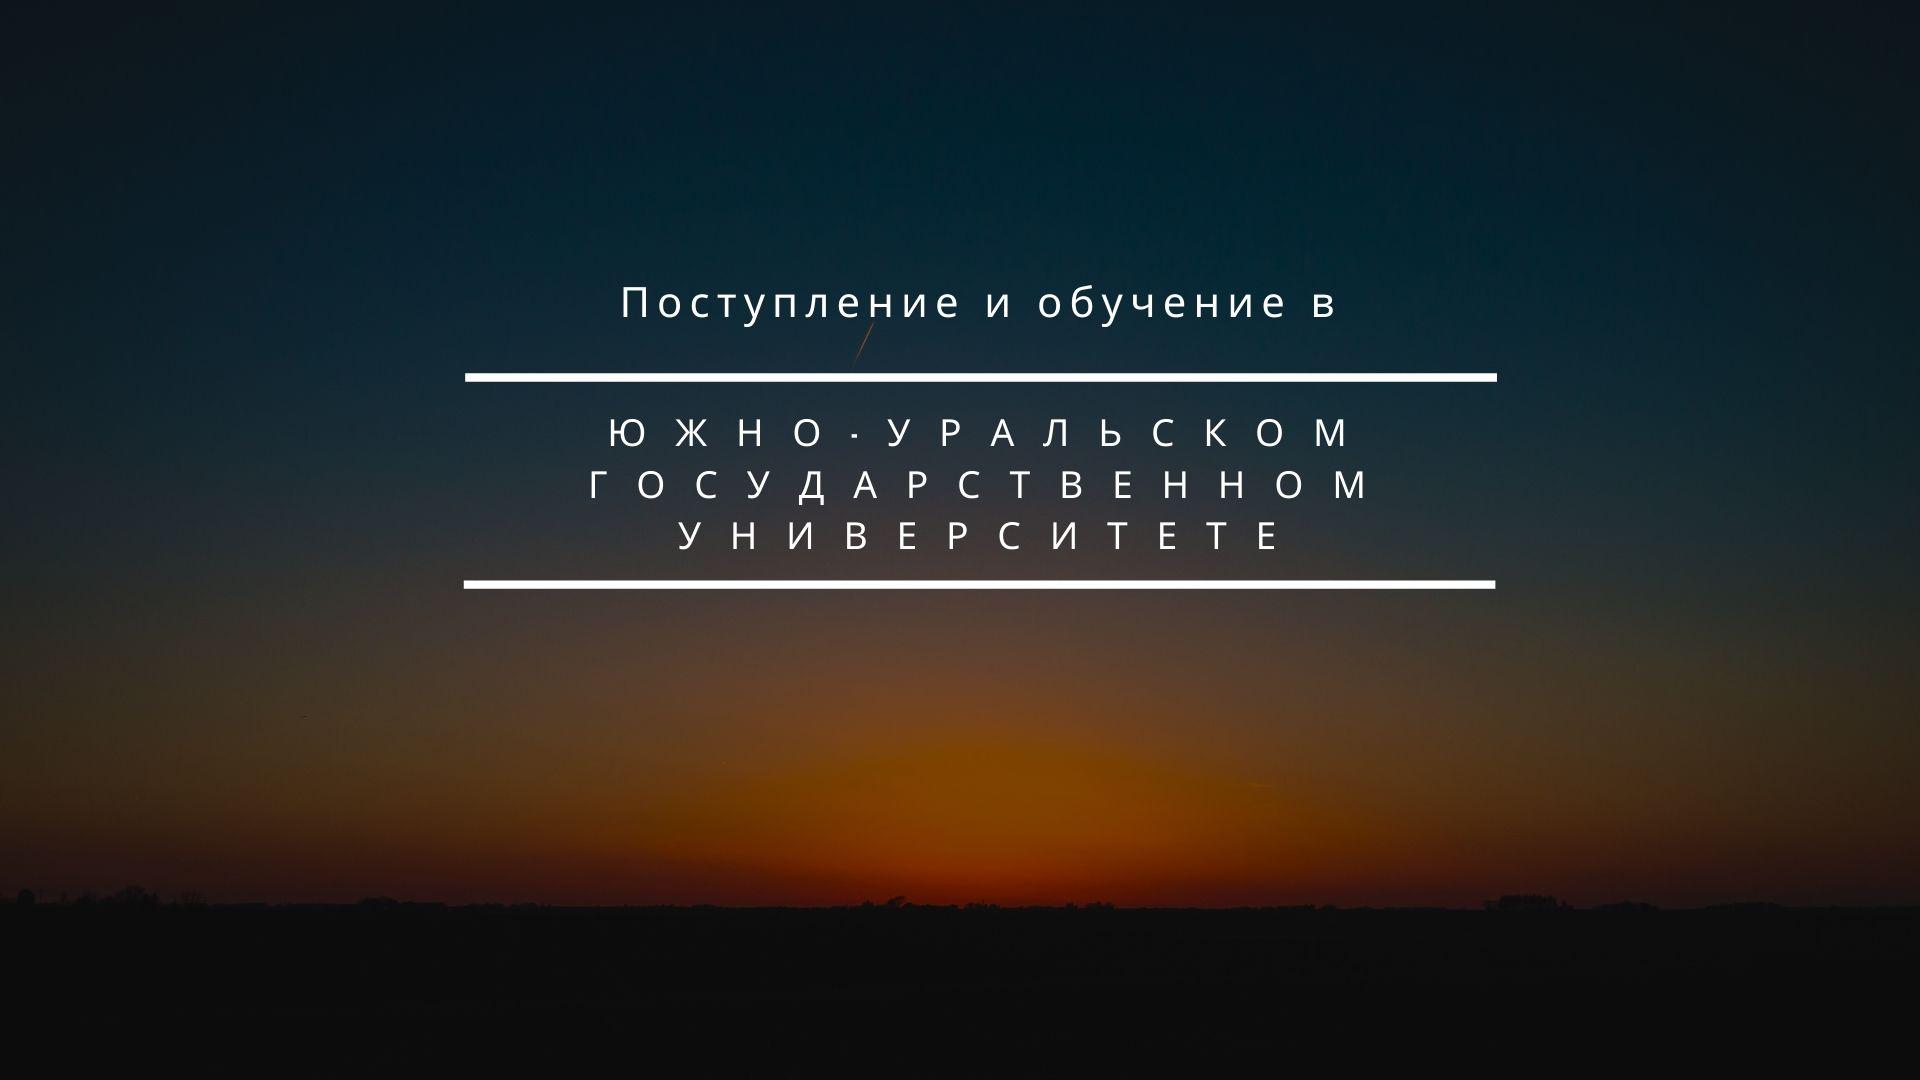 Поступление и обучение в Южно-Уральском государственном университете